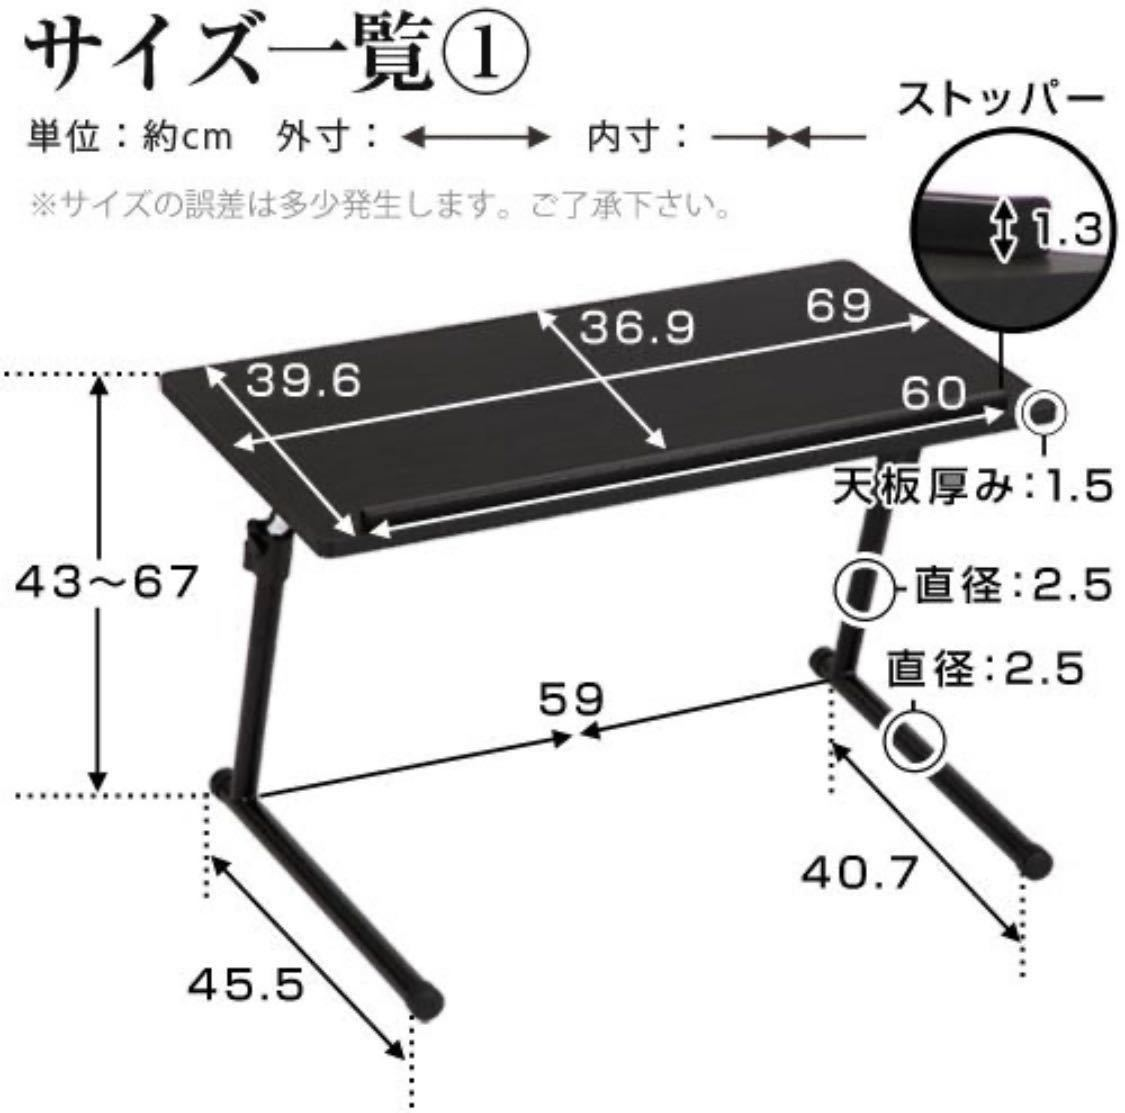 昇降テーブル_画像3